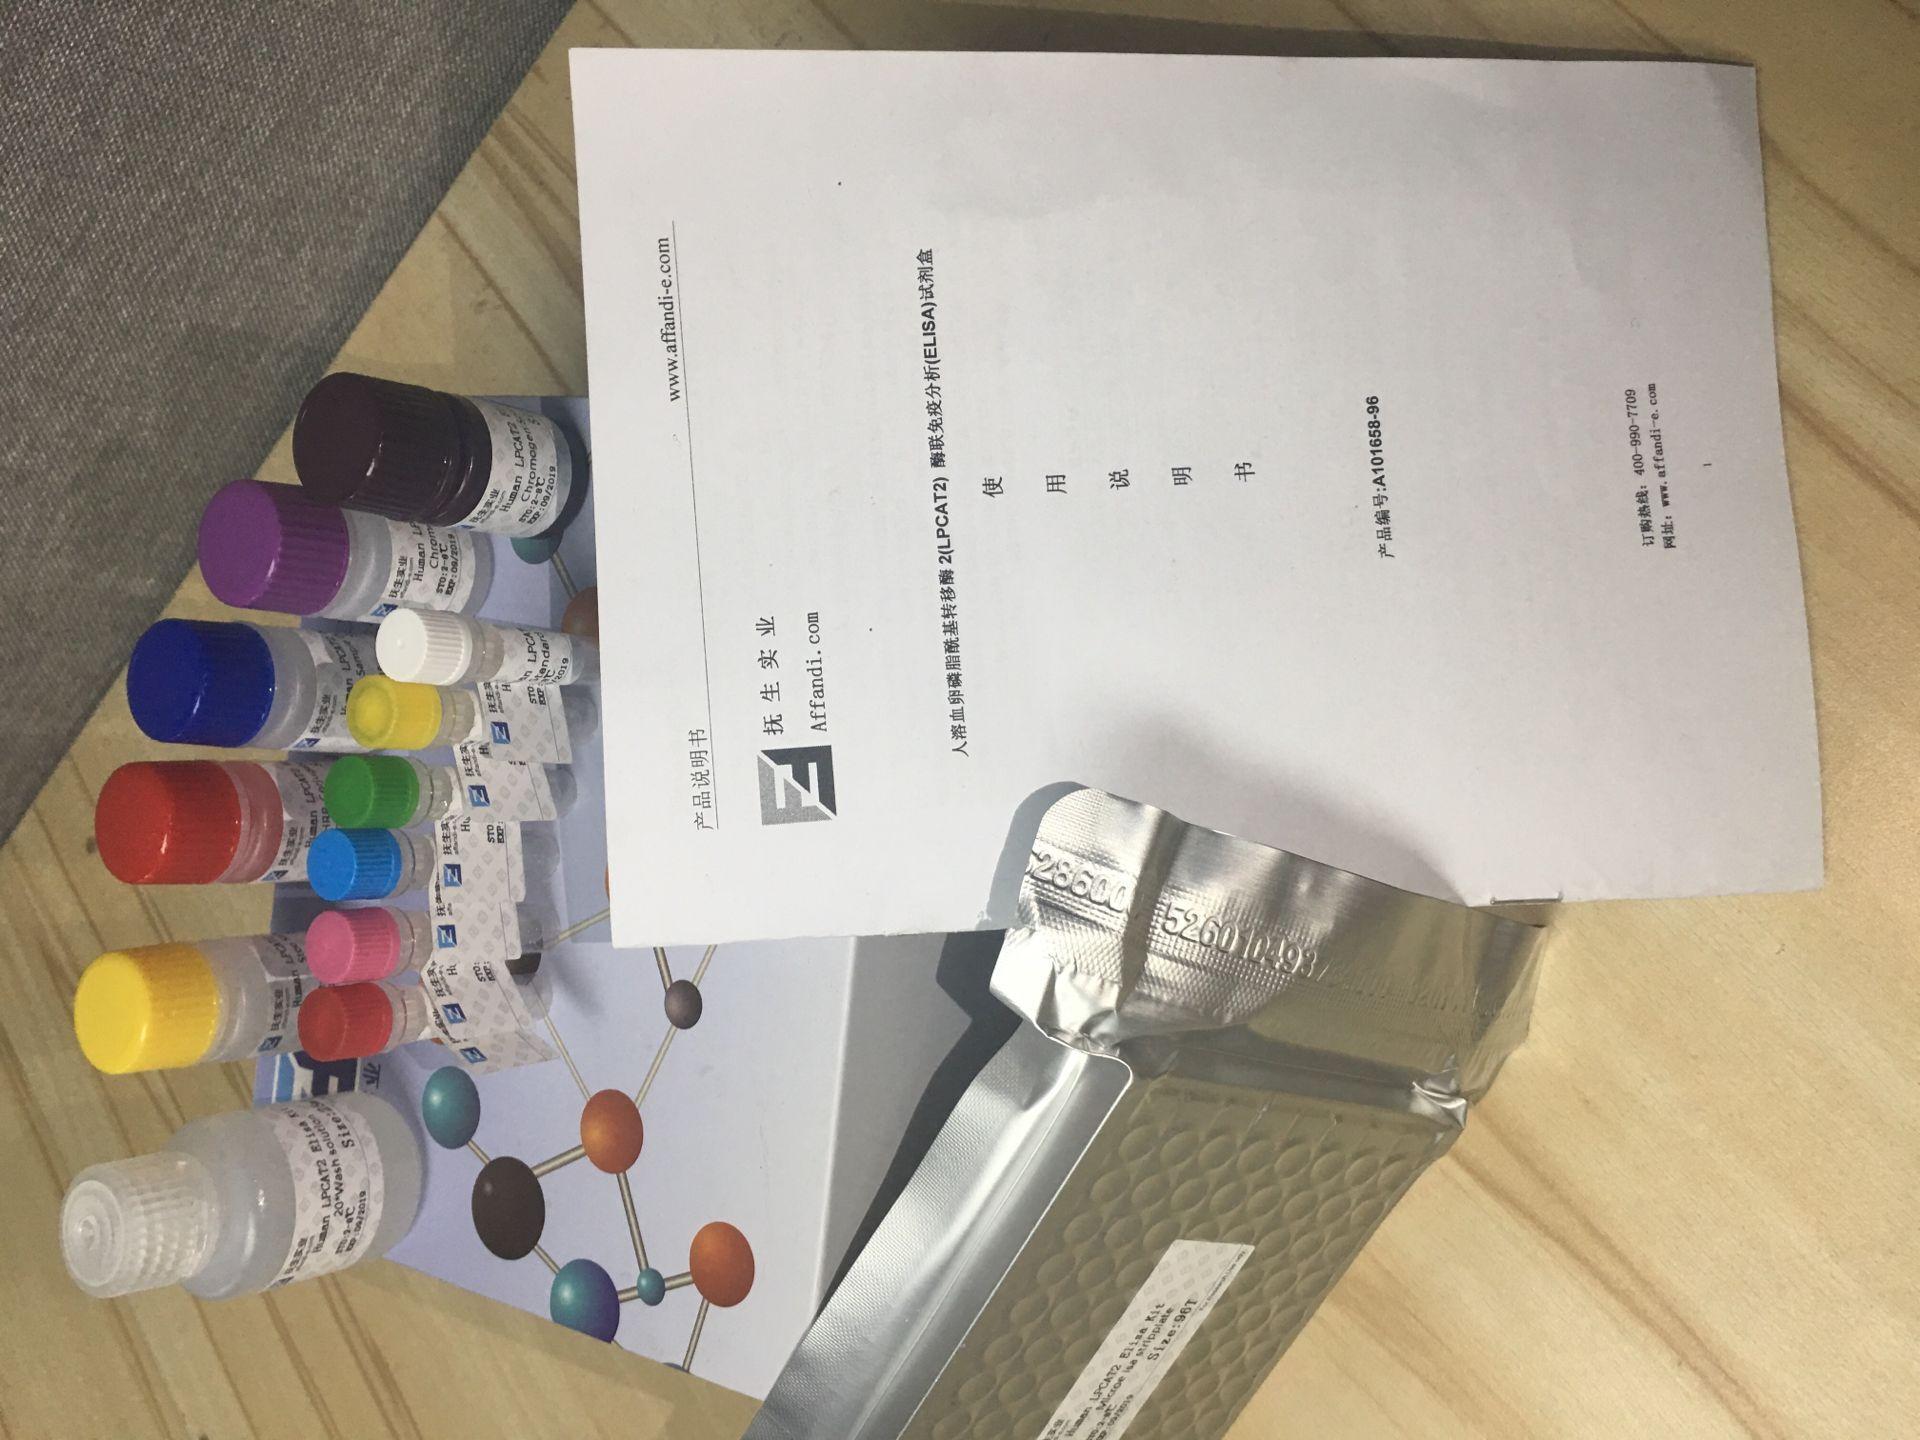 脯氨酸氧化酶檢測試劑盒????????